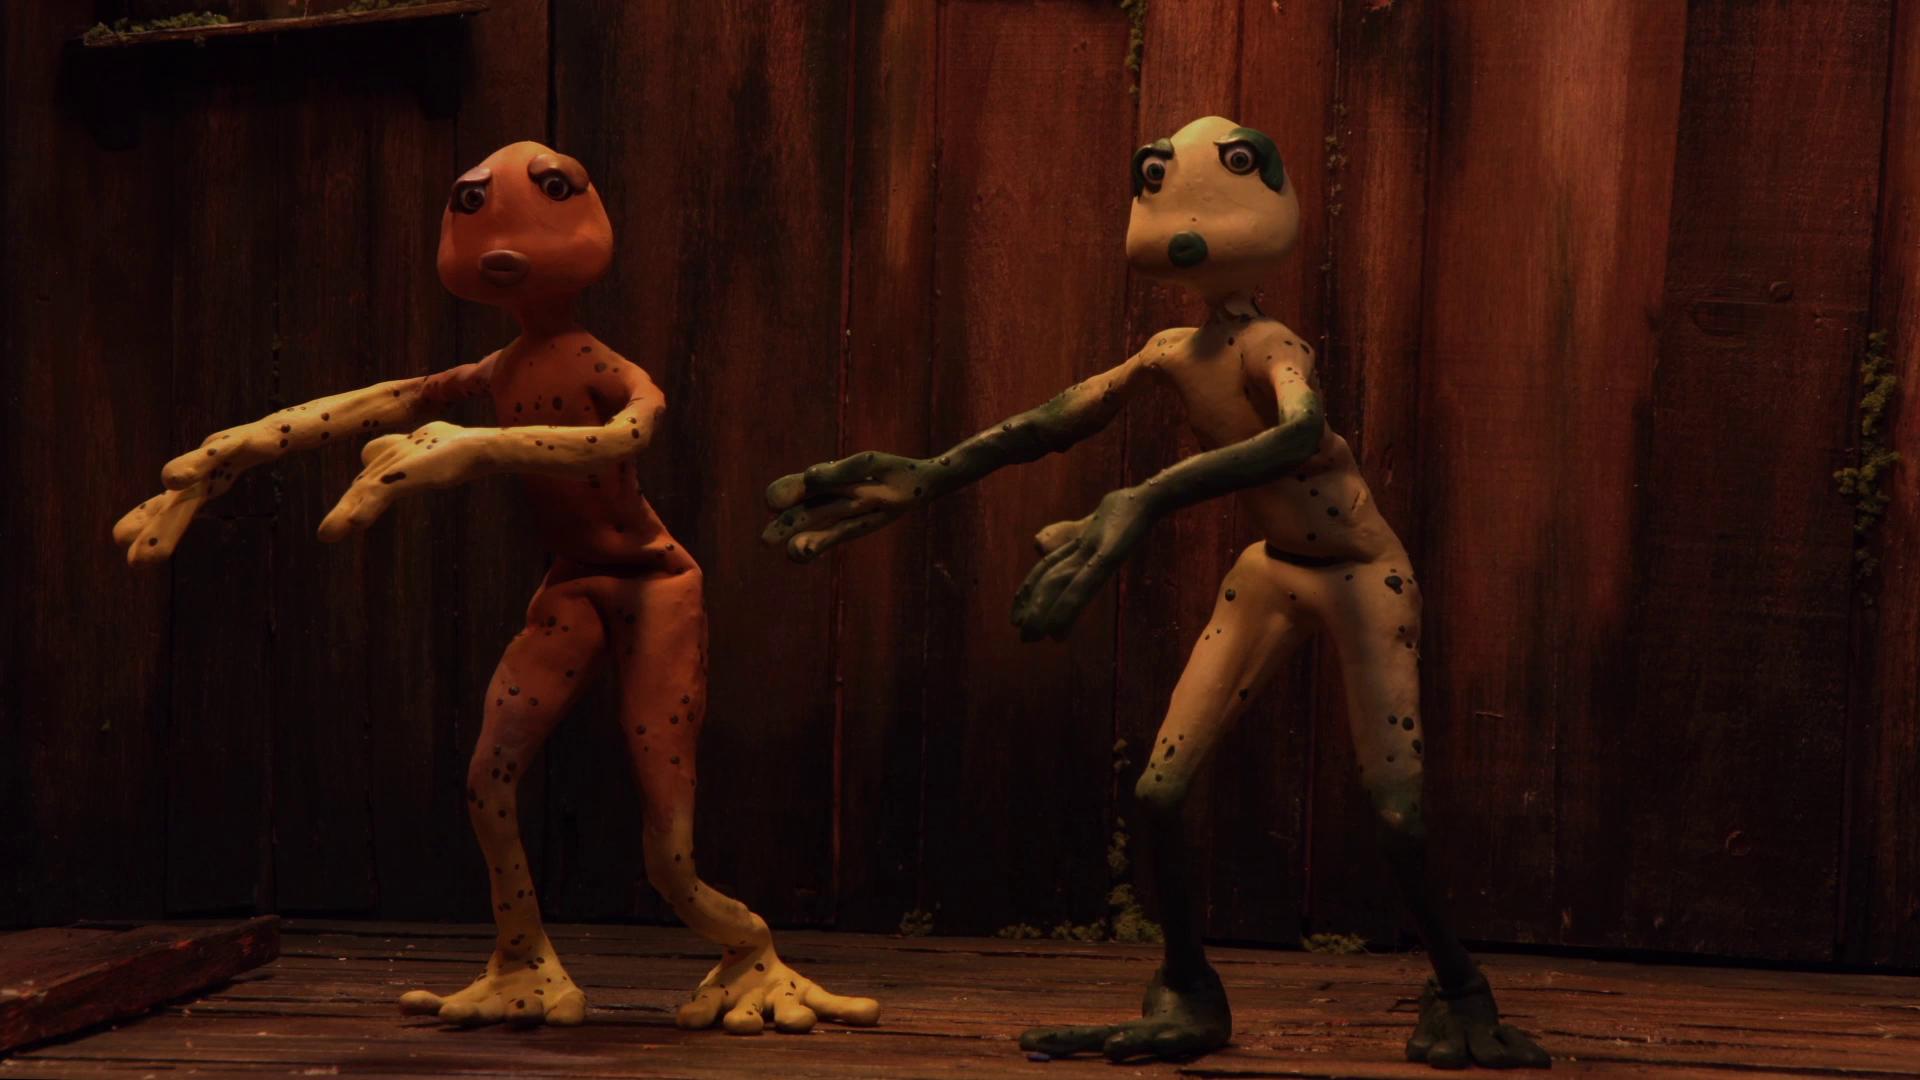 Court métrage Le chant des grenouilles